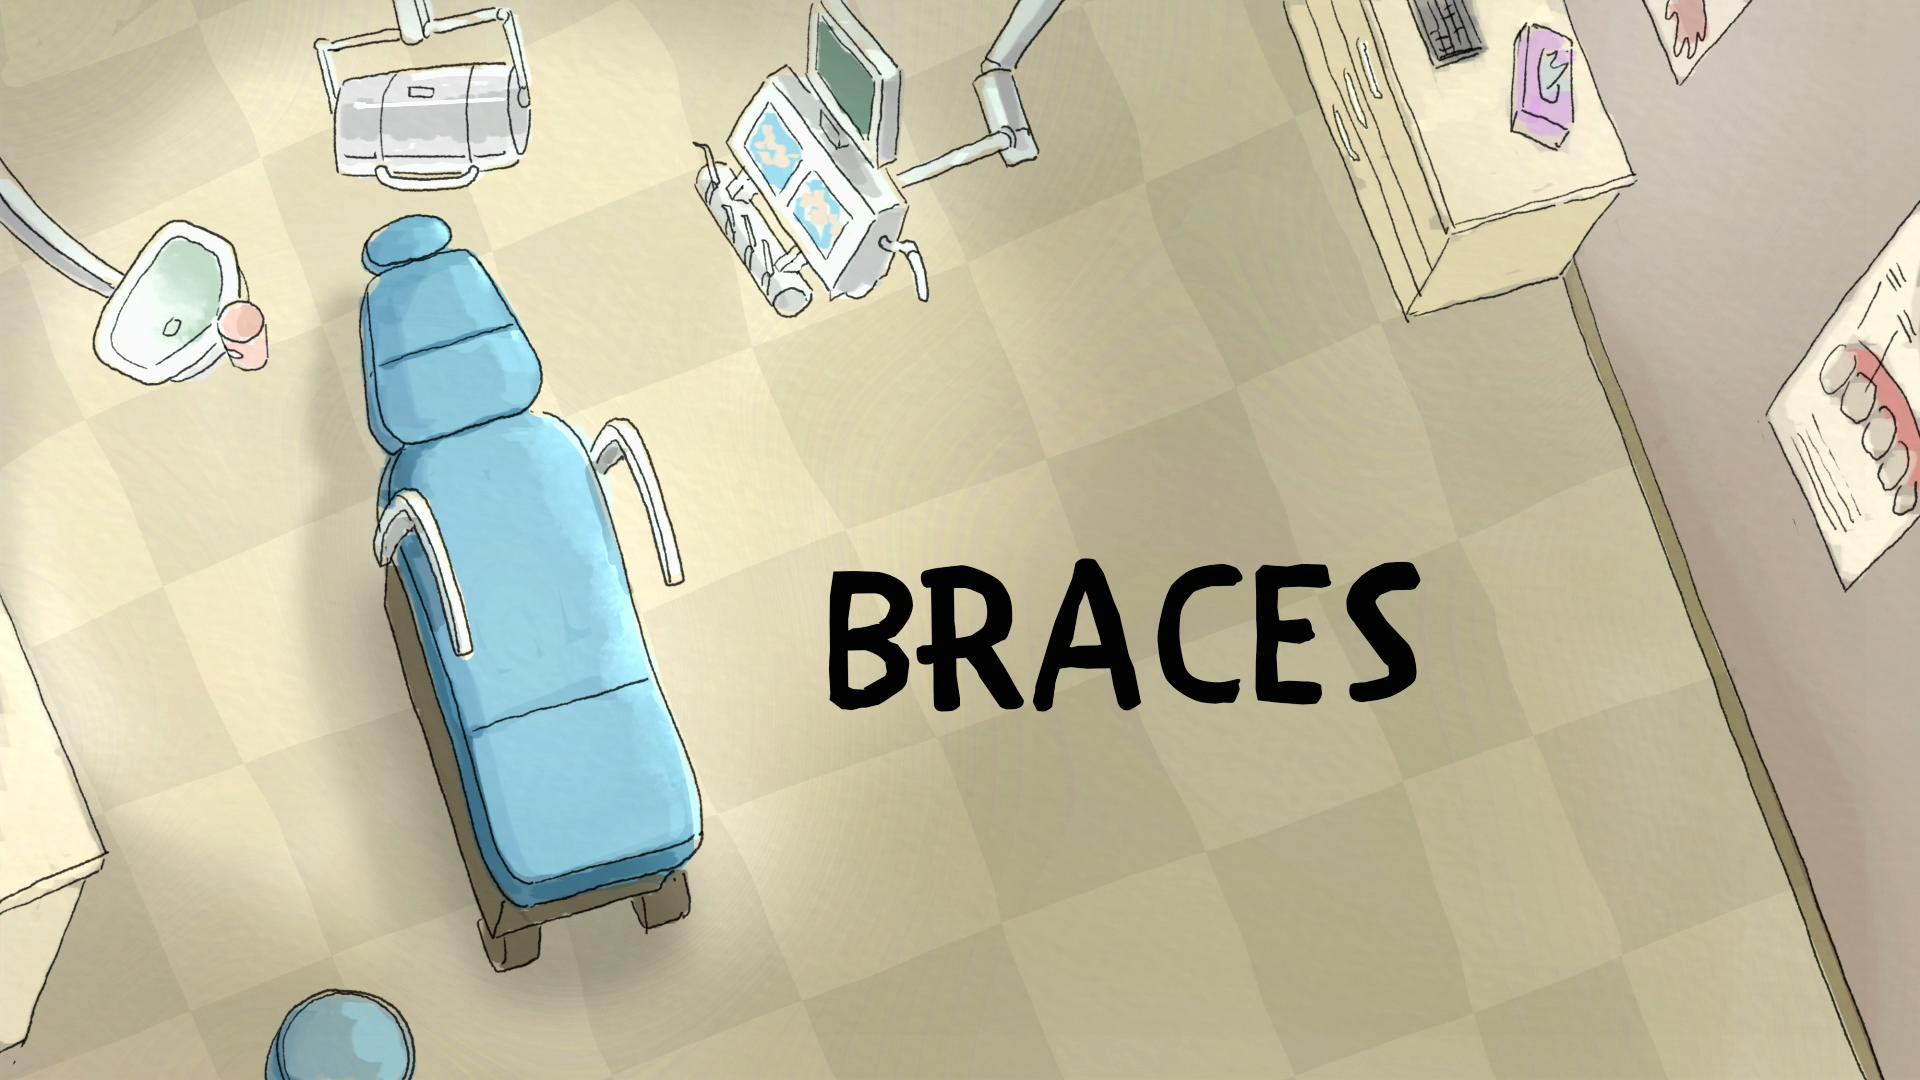 Мы обычные медведи — s04e31 — Braces